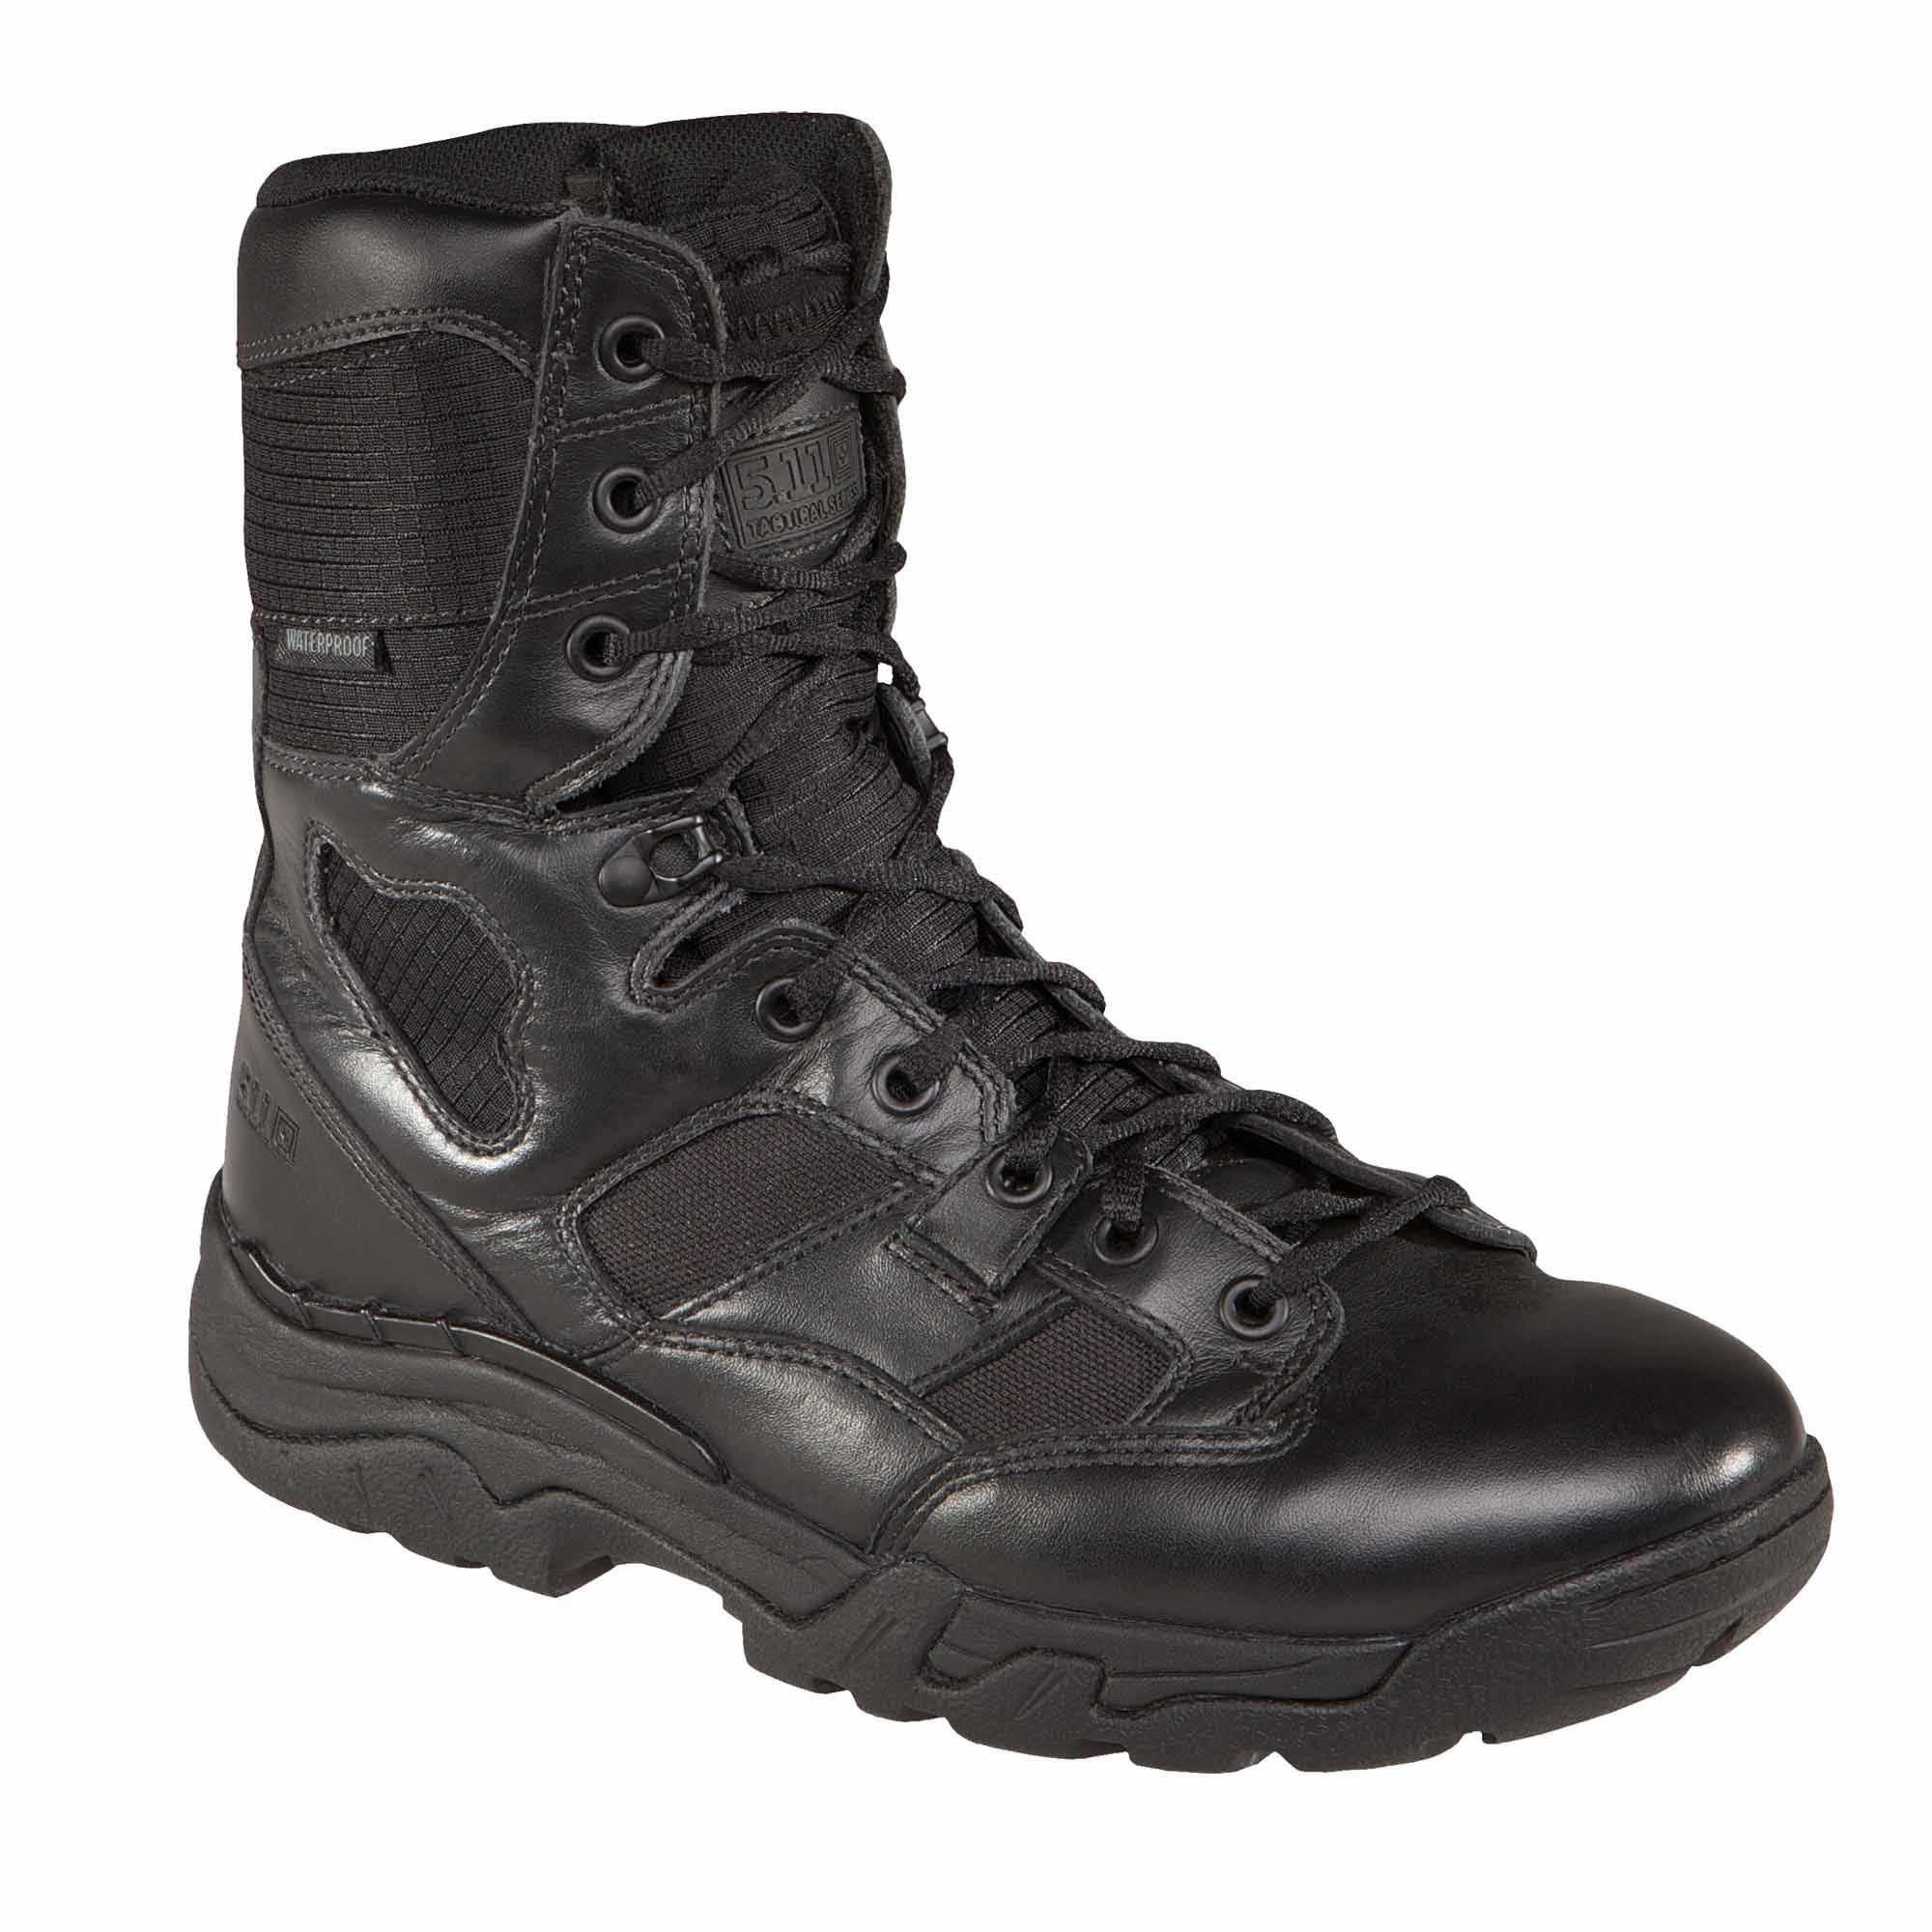 Men's Waterproof 5.11 Taclite 8 Boot from 5.11 Tactical (Black)